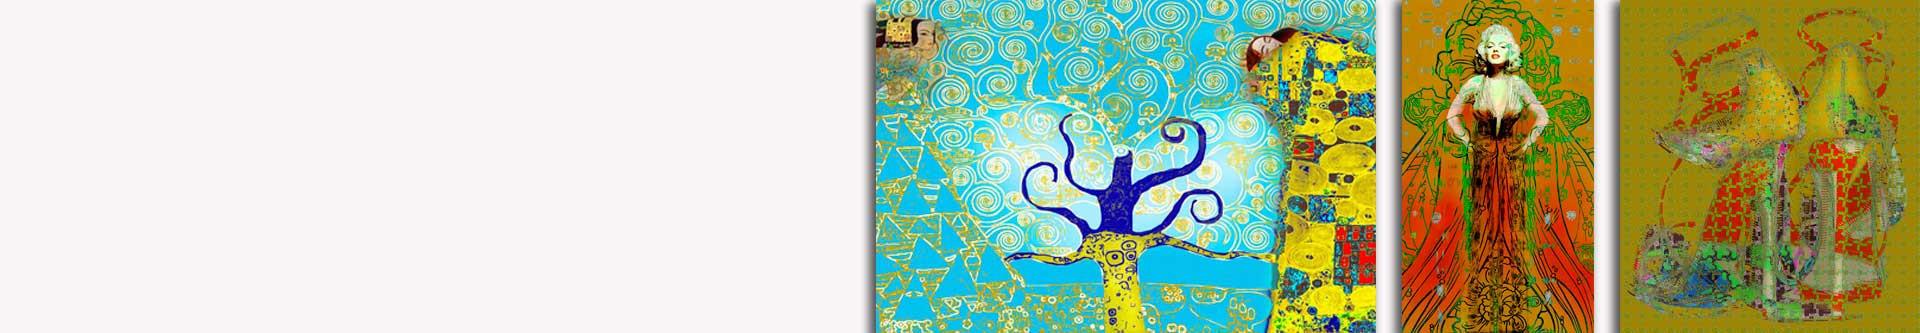 Obrazy w stylu art deco - obrazy dekoracyjne GRAFIKIOBRAZY.PL